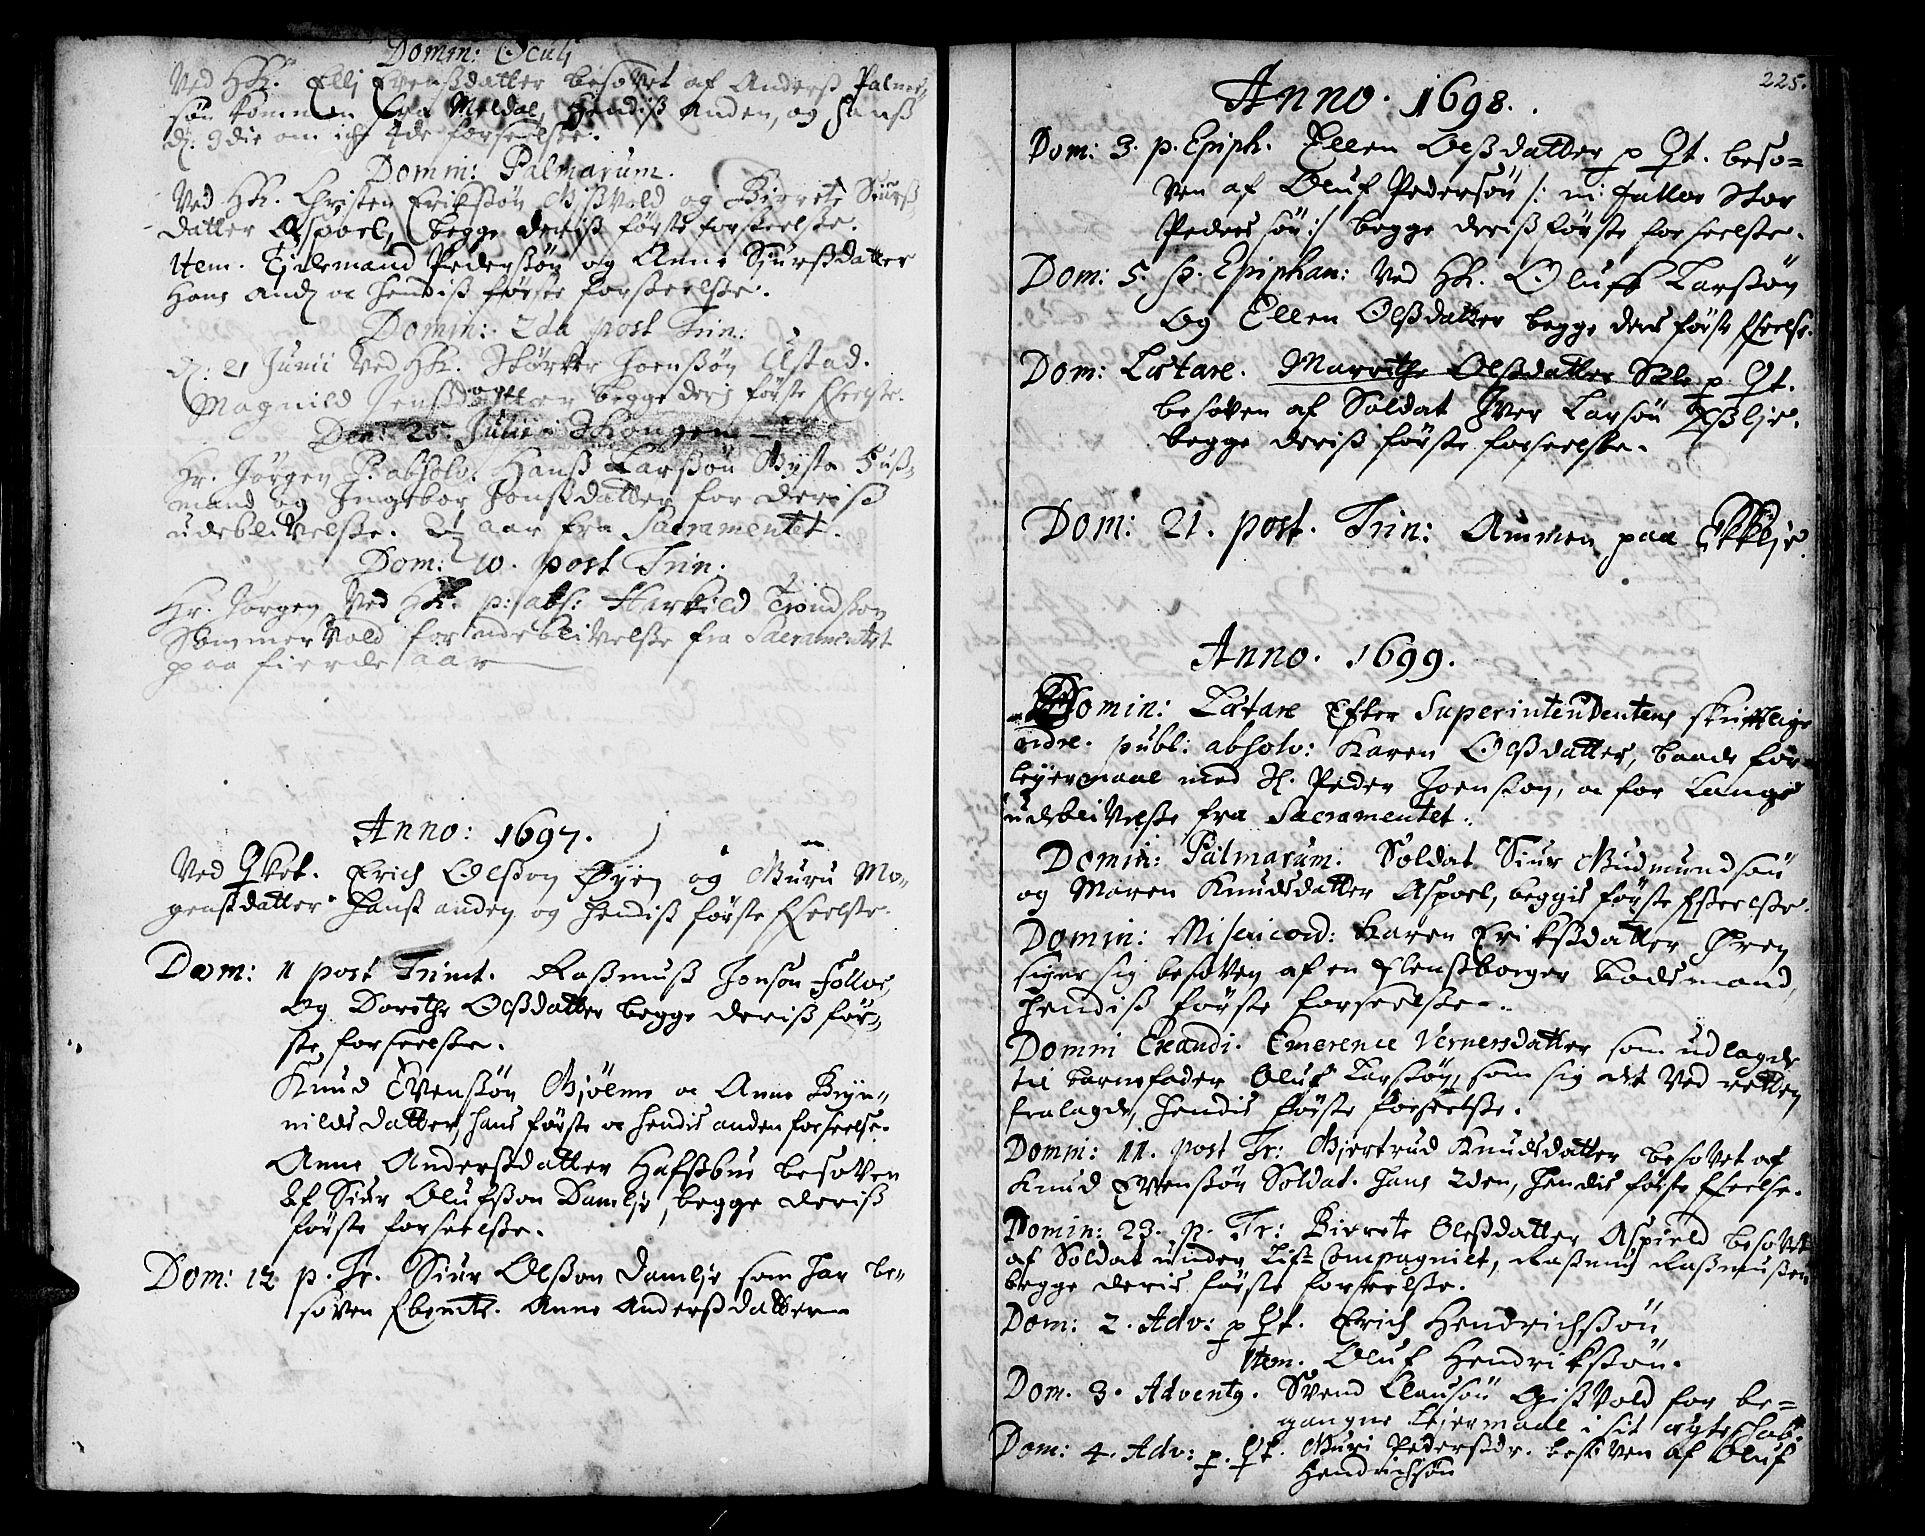 SAT, Ministerialprotokoller, klokkerbøker og fødselsregistre - Sør-Trøndelag, 668/L0801: Ministerialbok nr. 668A01, 1695-1716, s. 224-225